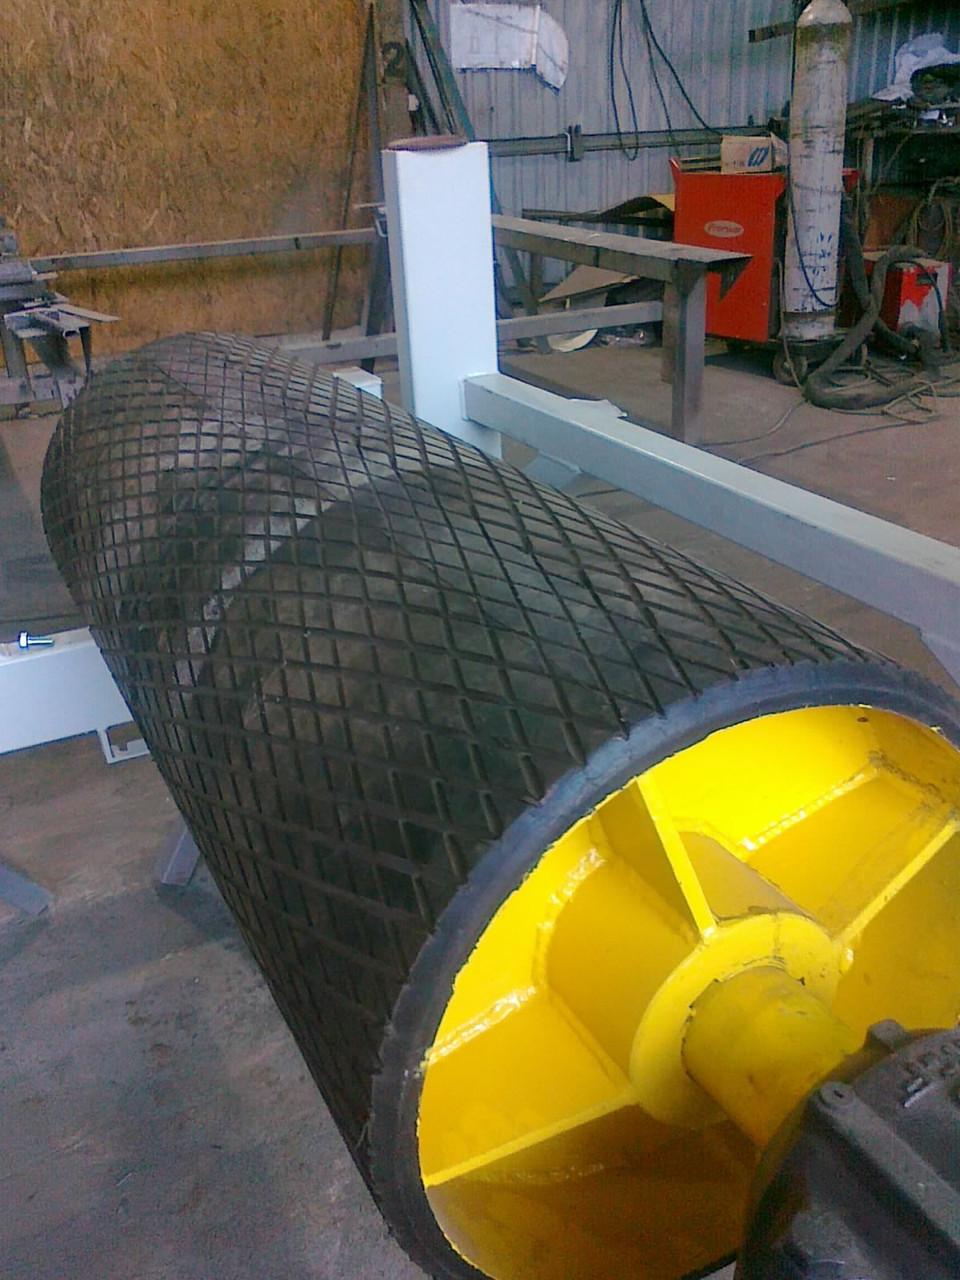 Гумування, або Футеровка приводного барабана стрічкового конвеєра, а так само футеровка роликів і валу.